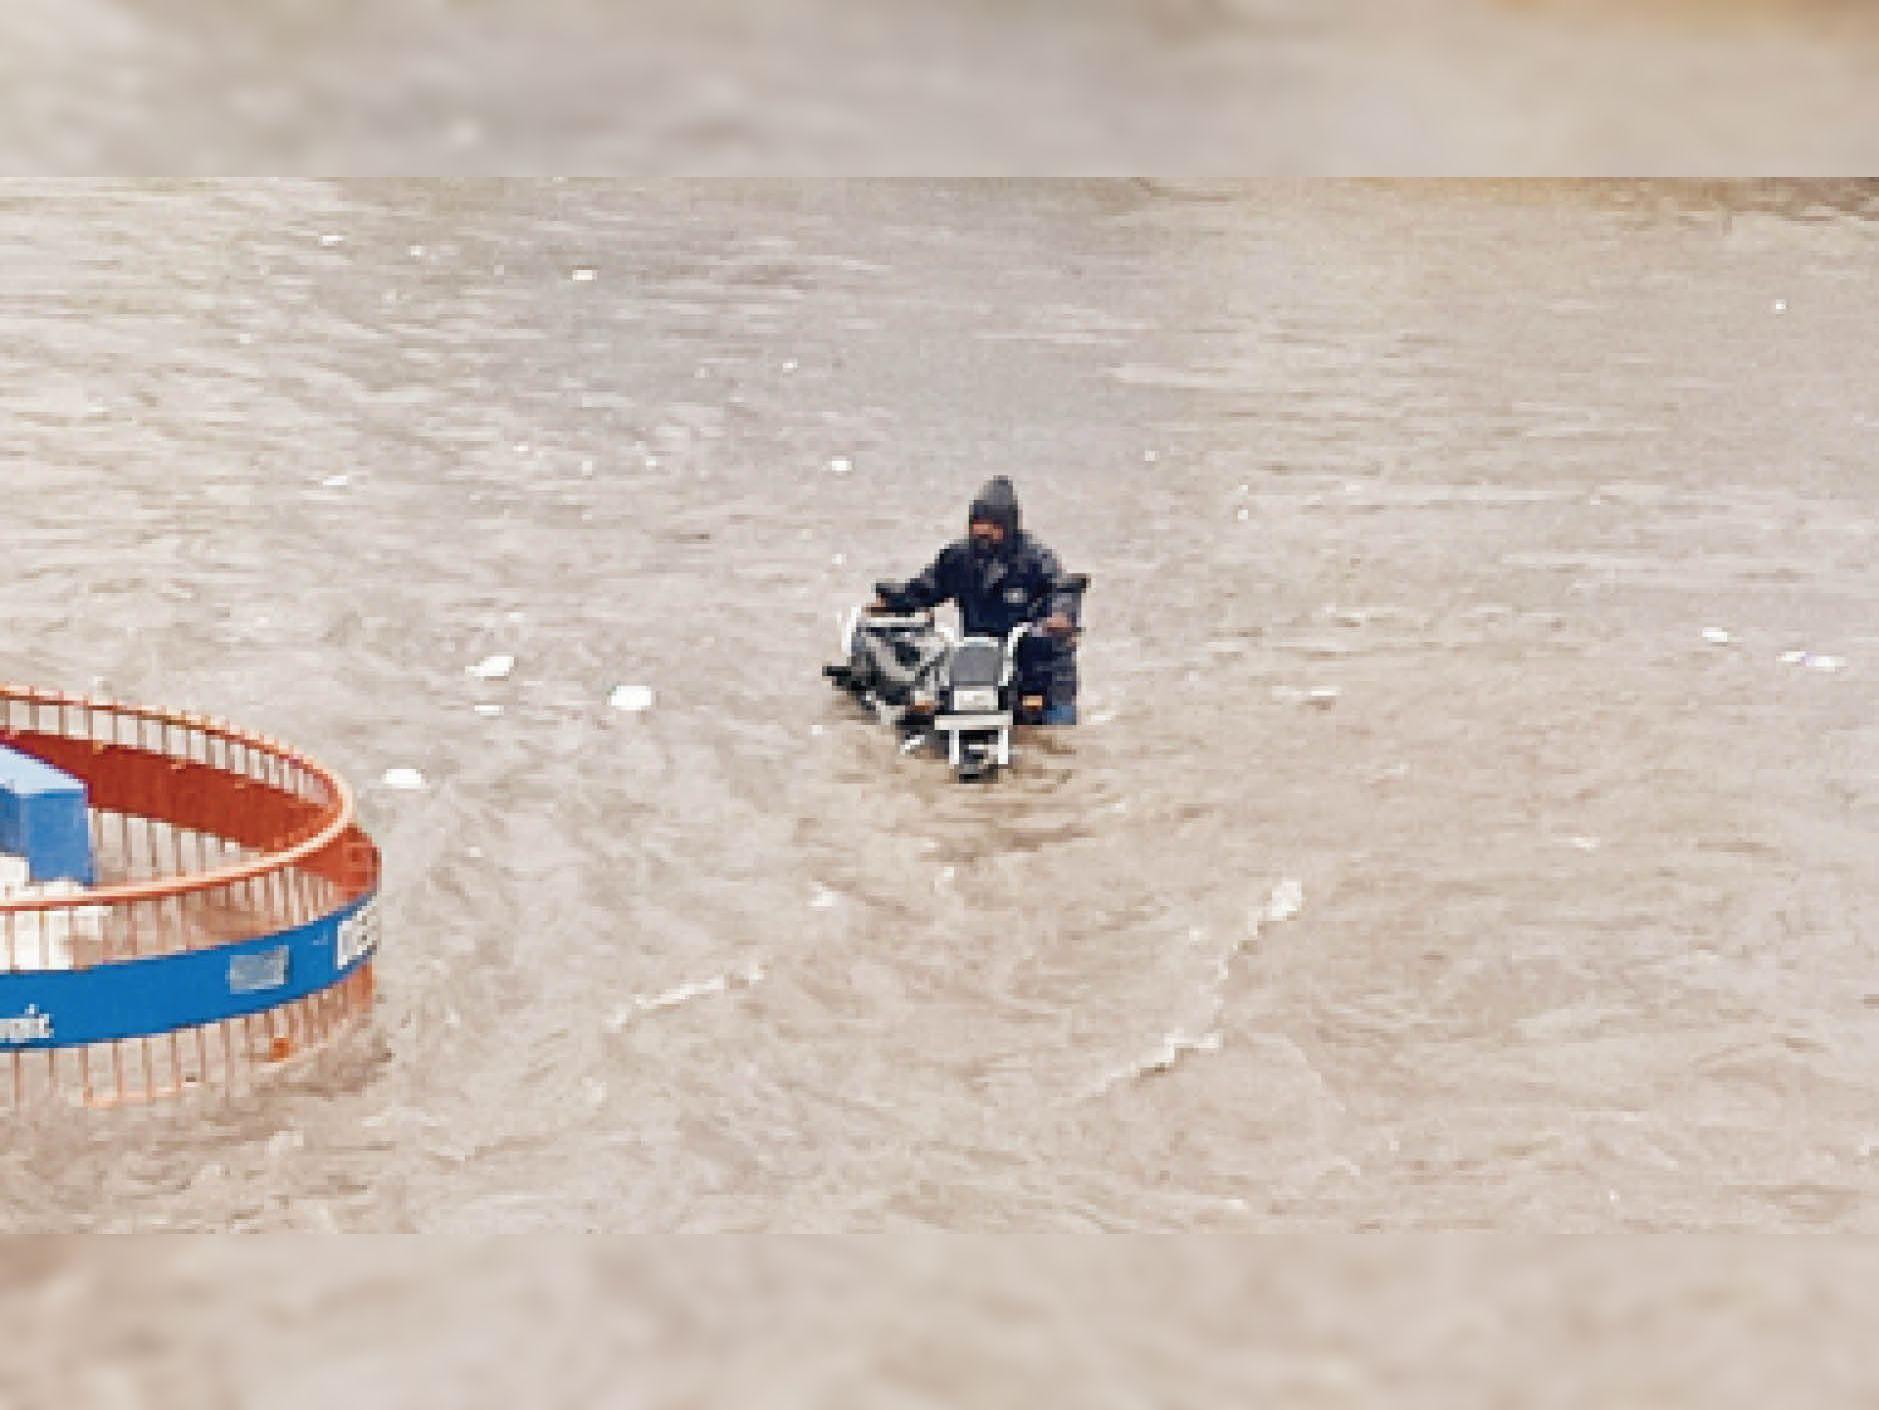 आणंद में 4 घंटे में 8 इंच बारिश होने से बस स्टैंड जलमग्न हो गया। - Dainik Bhaskar